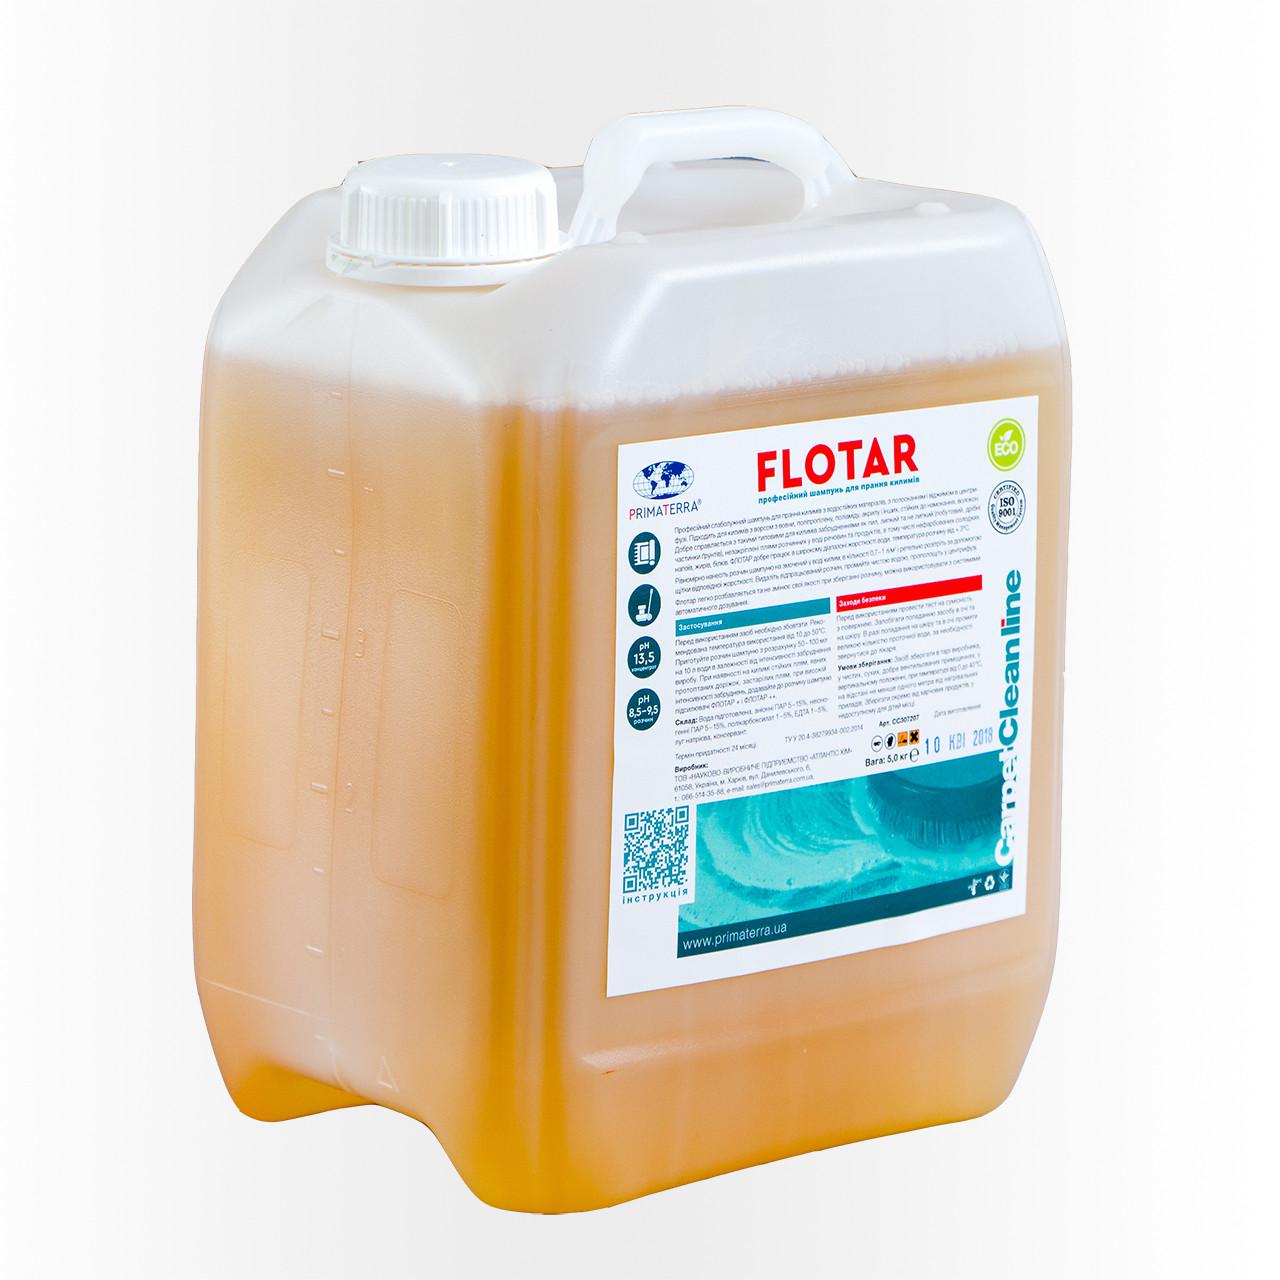 Засіб для прання килимів шампунь Flotar (5 кг)